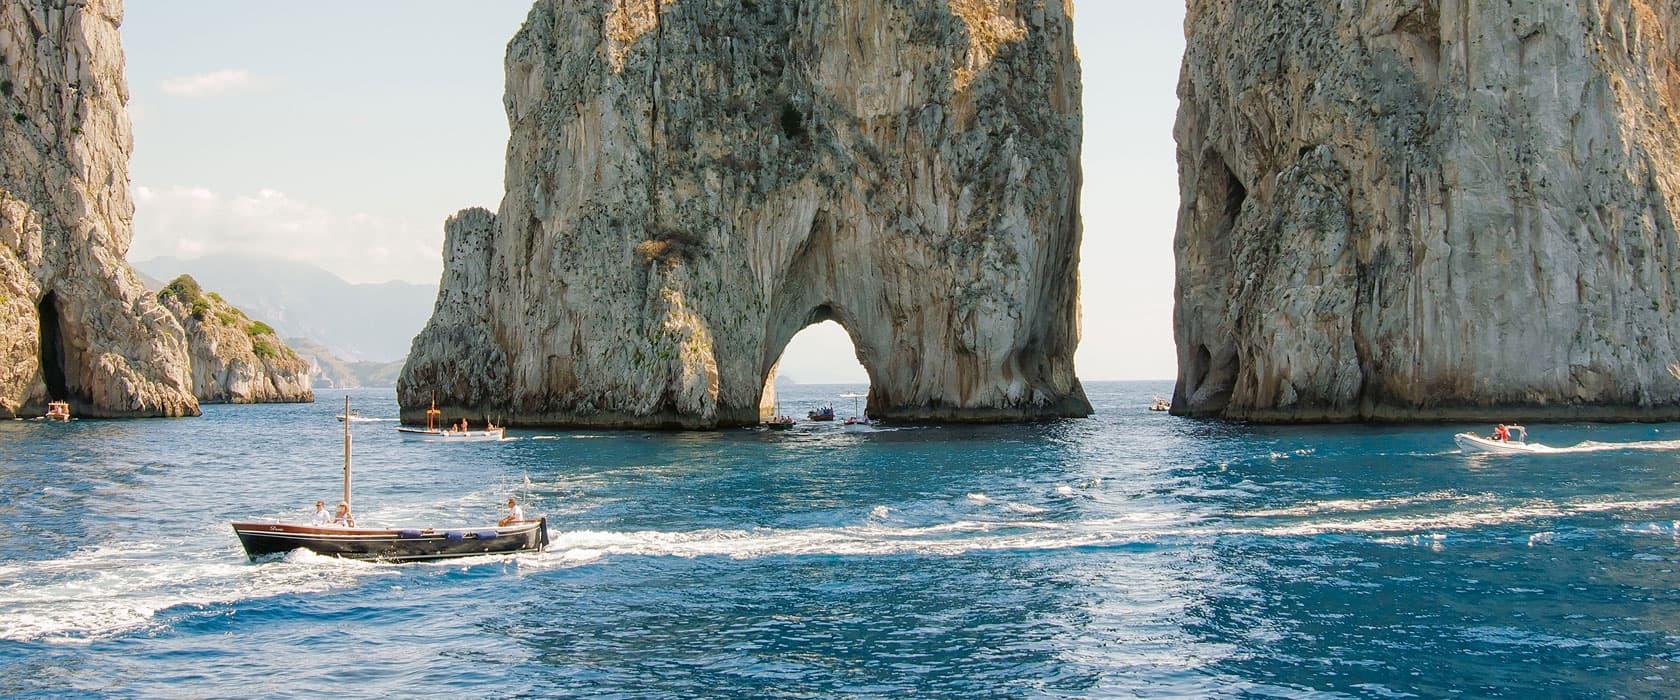 Cliffs overlooking Capri